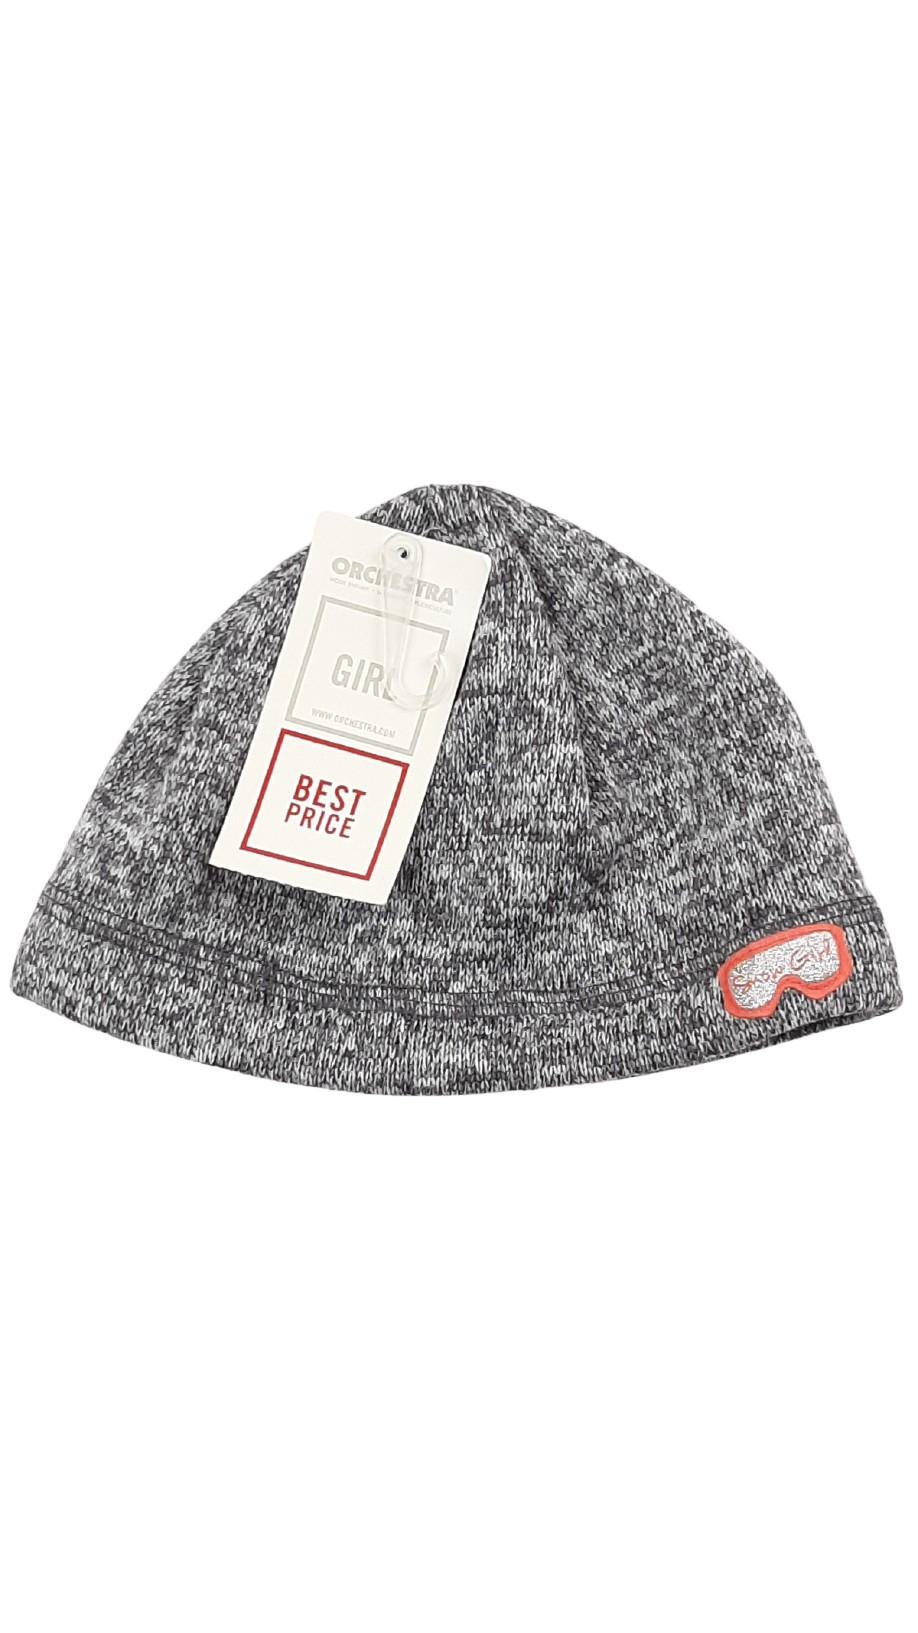 Bonnet/tuque chaude taille 53 cm 1